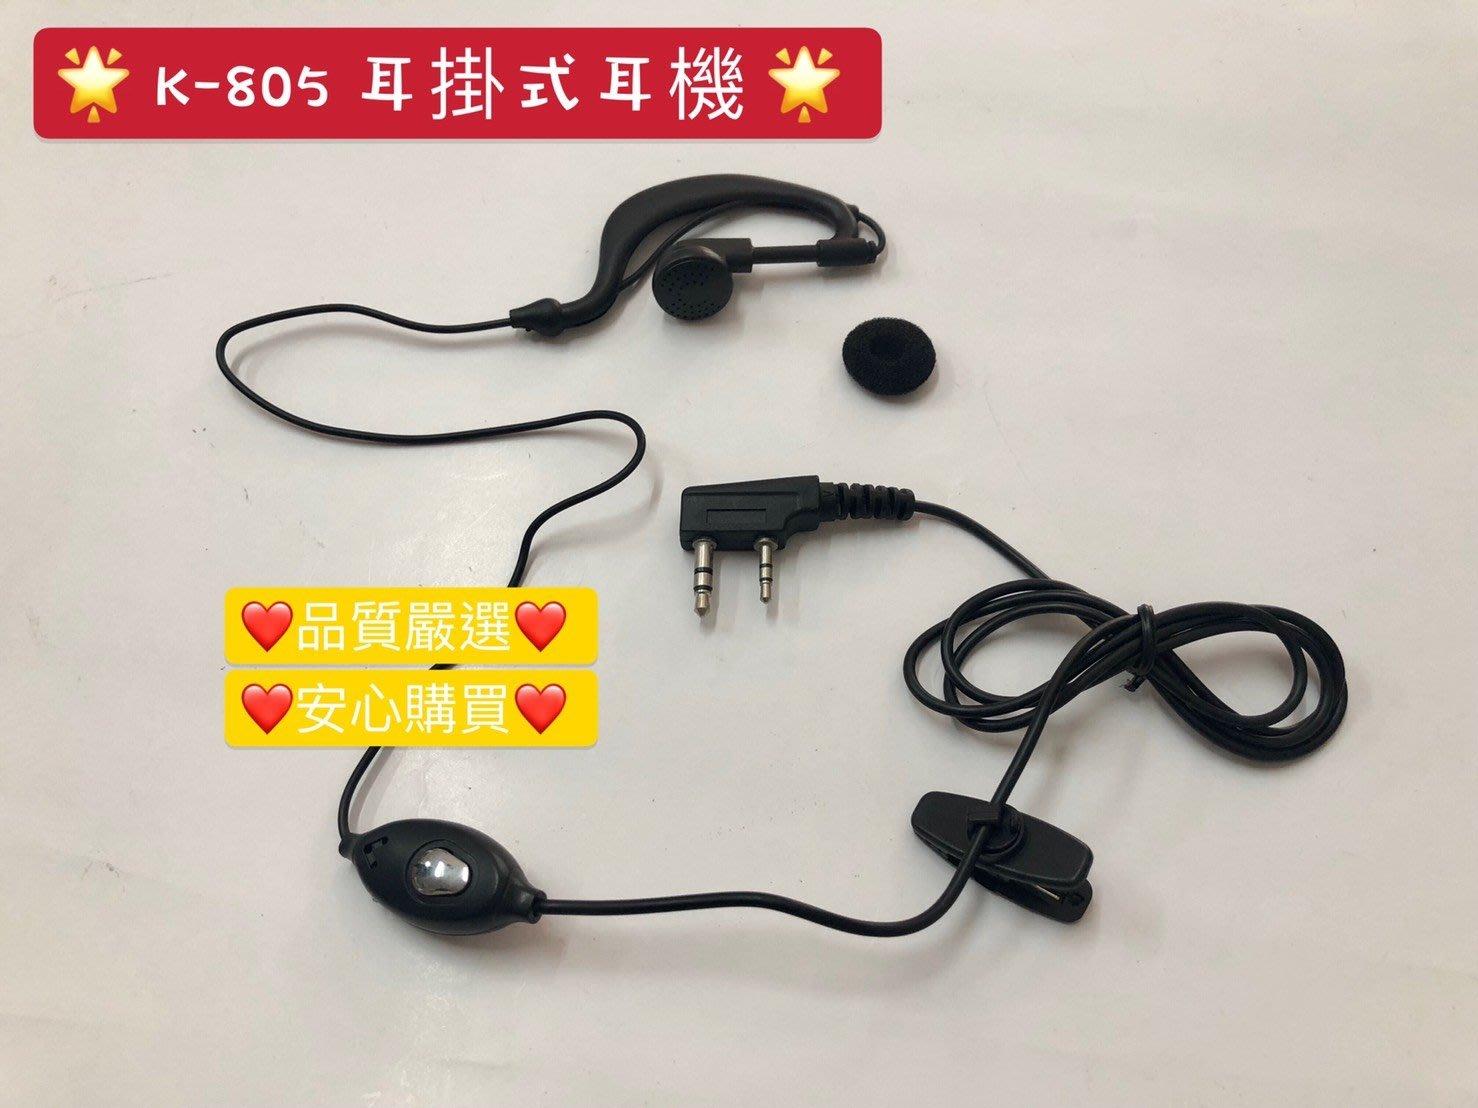 (大雄無線電)  K-805 耳掛式耳機 (K)頭用 //  無線電專用耳機 耳機麥克風 、對講機耳機  耳掛麥克風